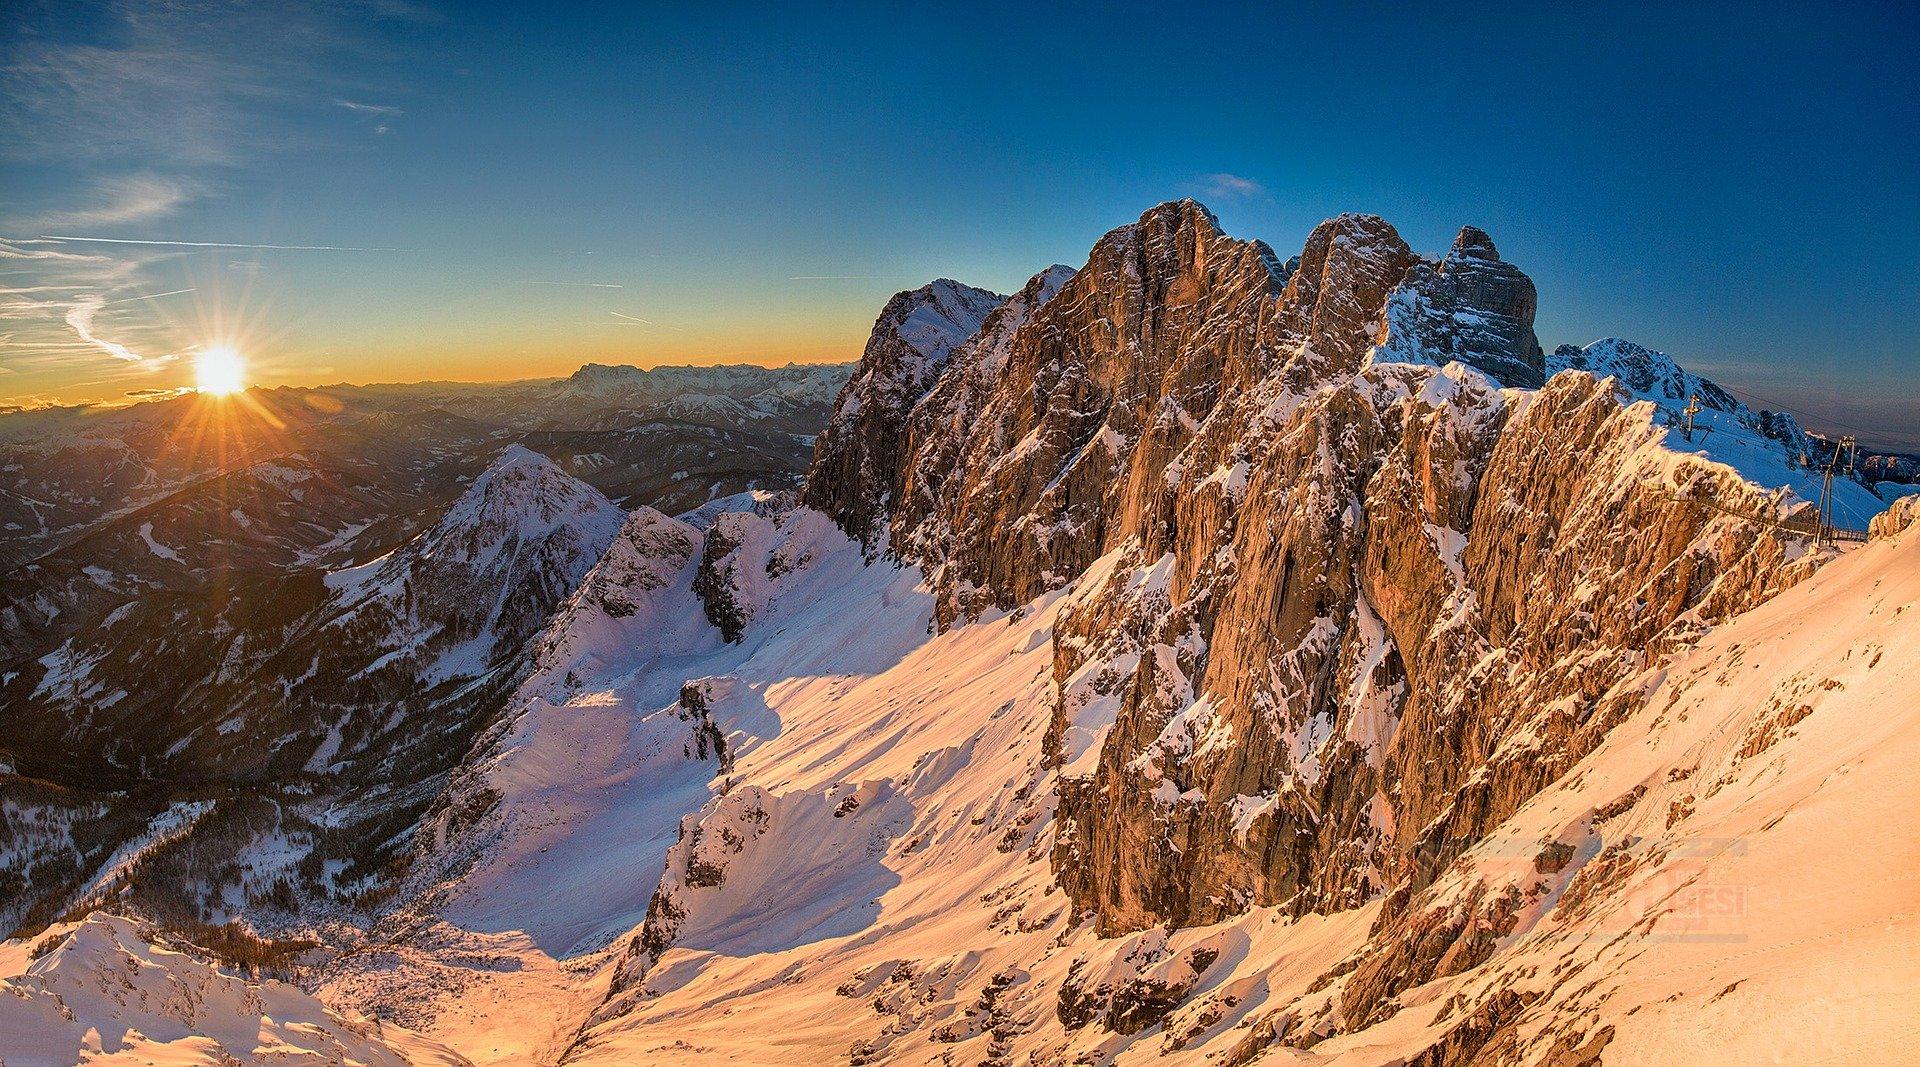 Avusturya'da yoğun kar yağışı hayatı olumsuz etkiliyor